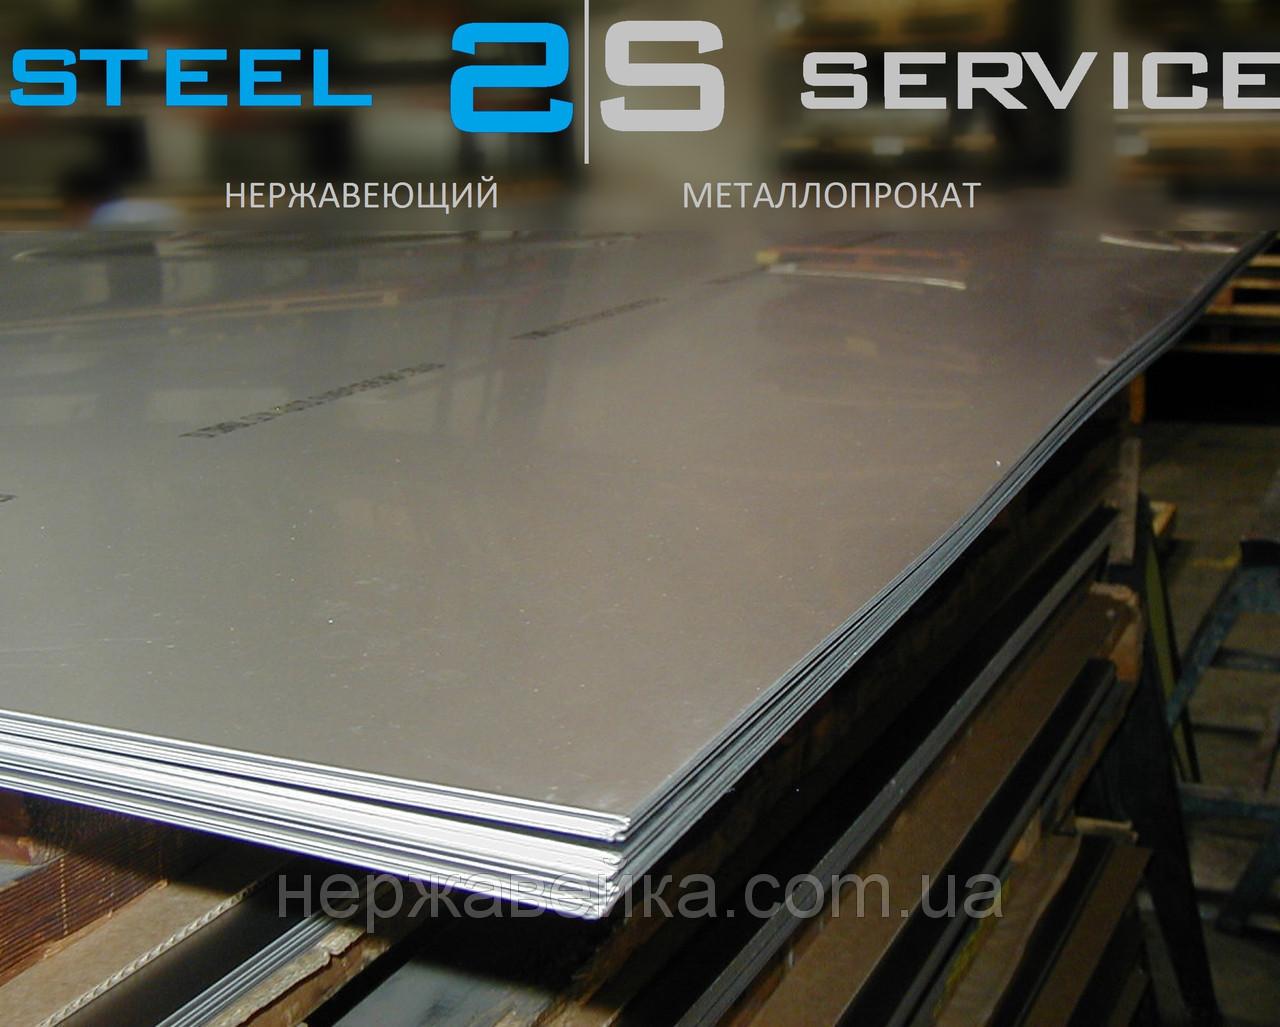 Нержавейка лист 1х1250х2500мм  AISI 304(08Х18Н10) BA - зеркало,  пищевой